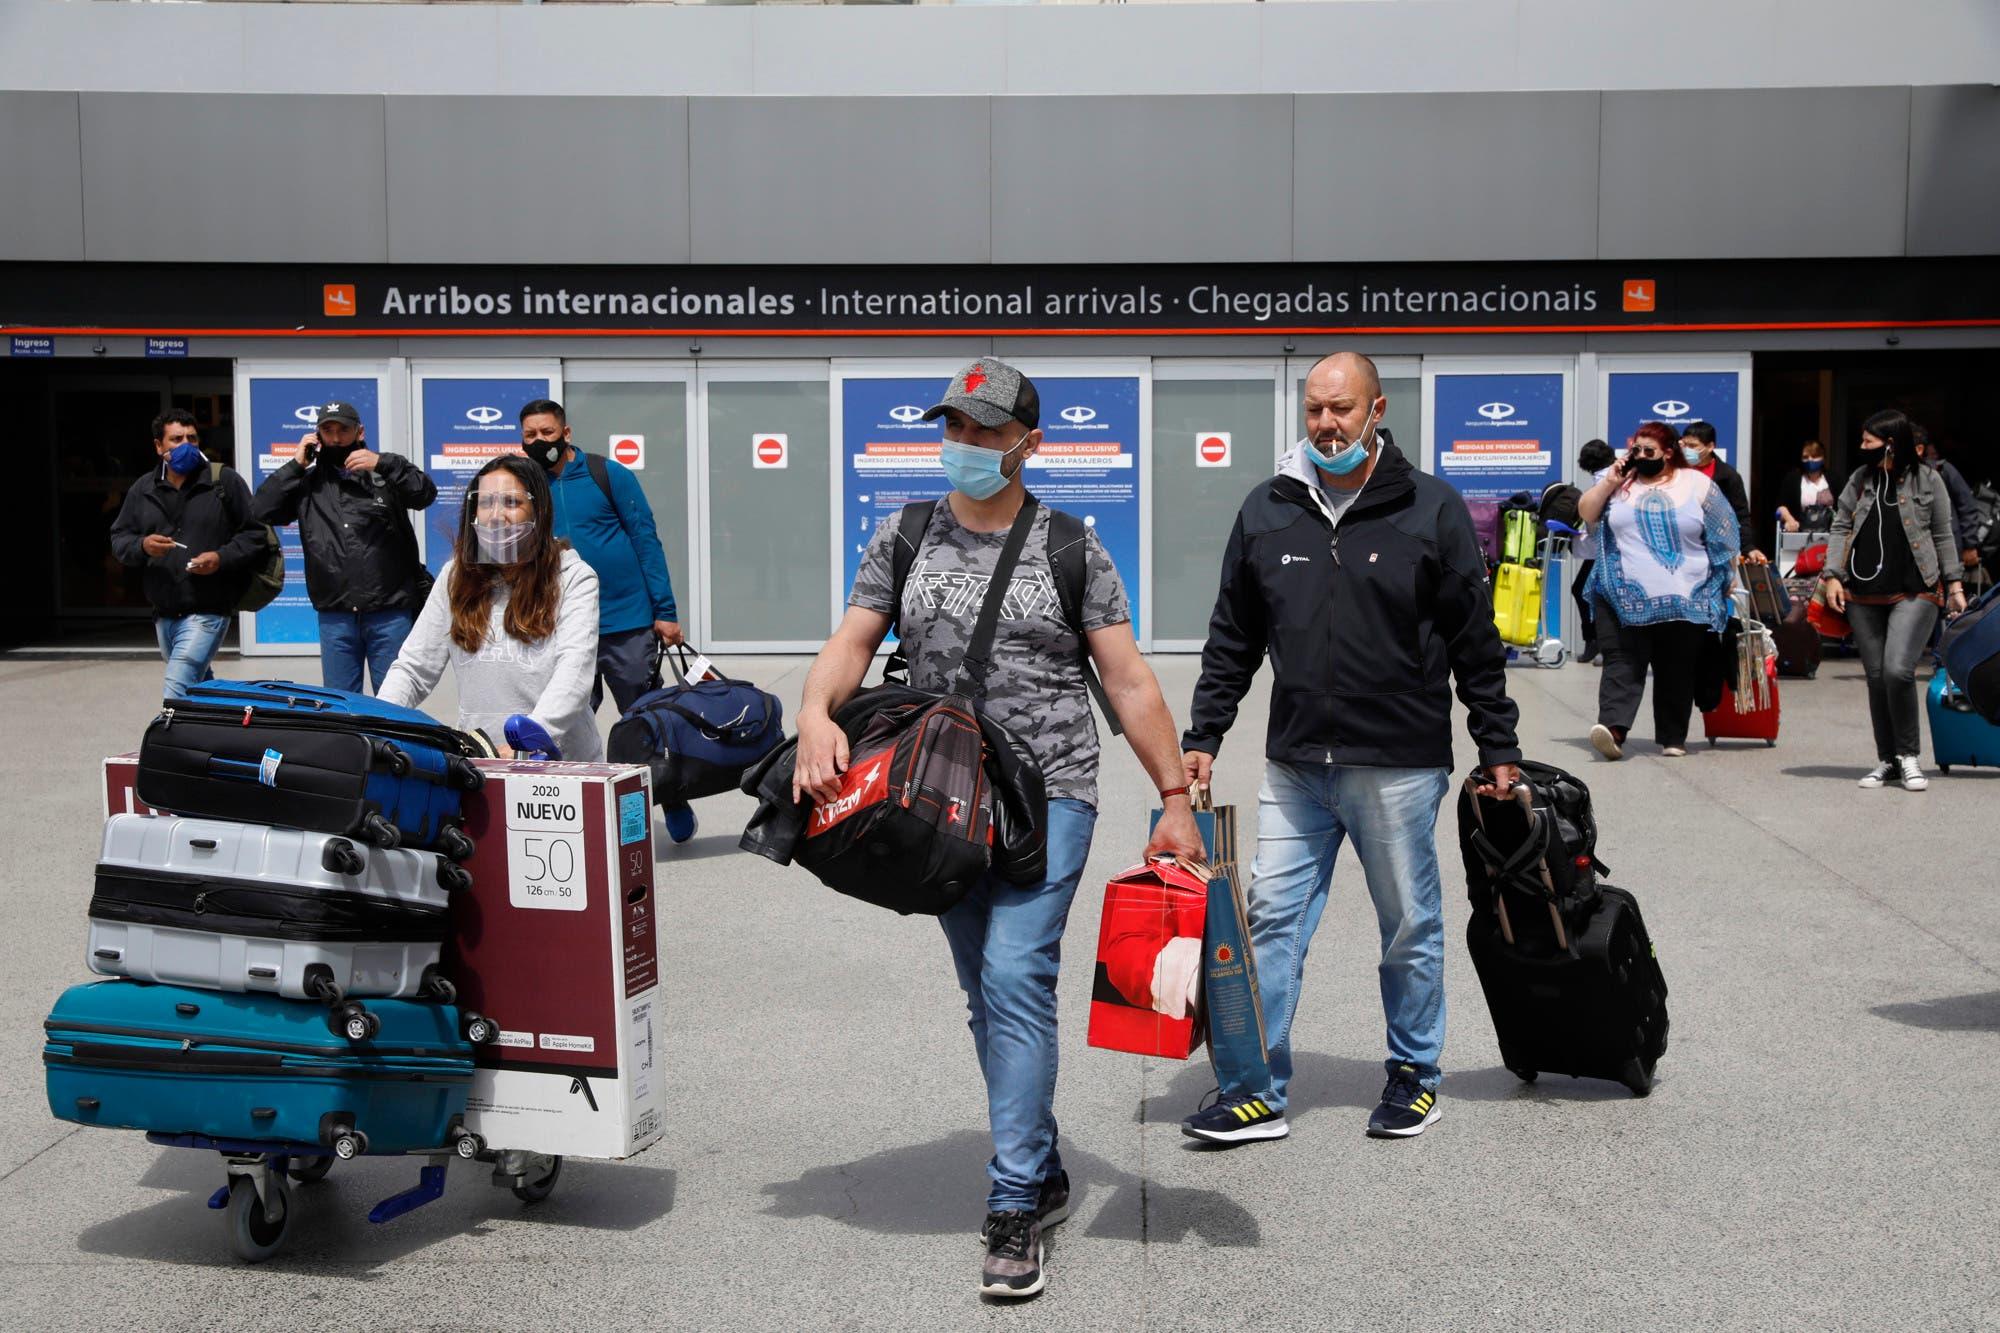 Alerta por el Covid: cerrarán la frontera con el Reino Unido por la nueva cepa y el rebrote de coronavirus